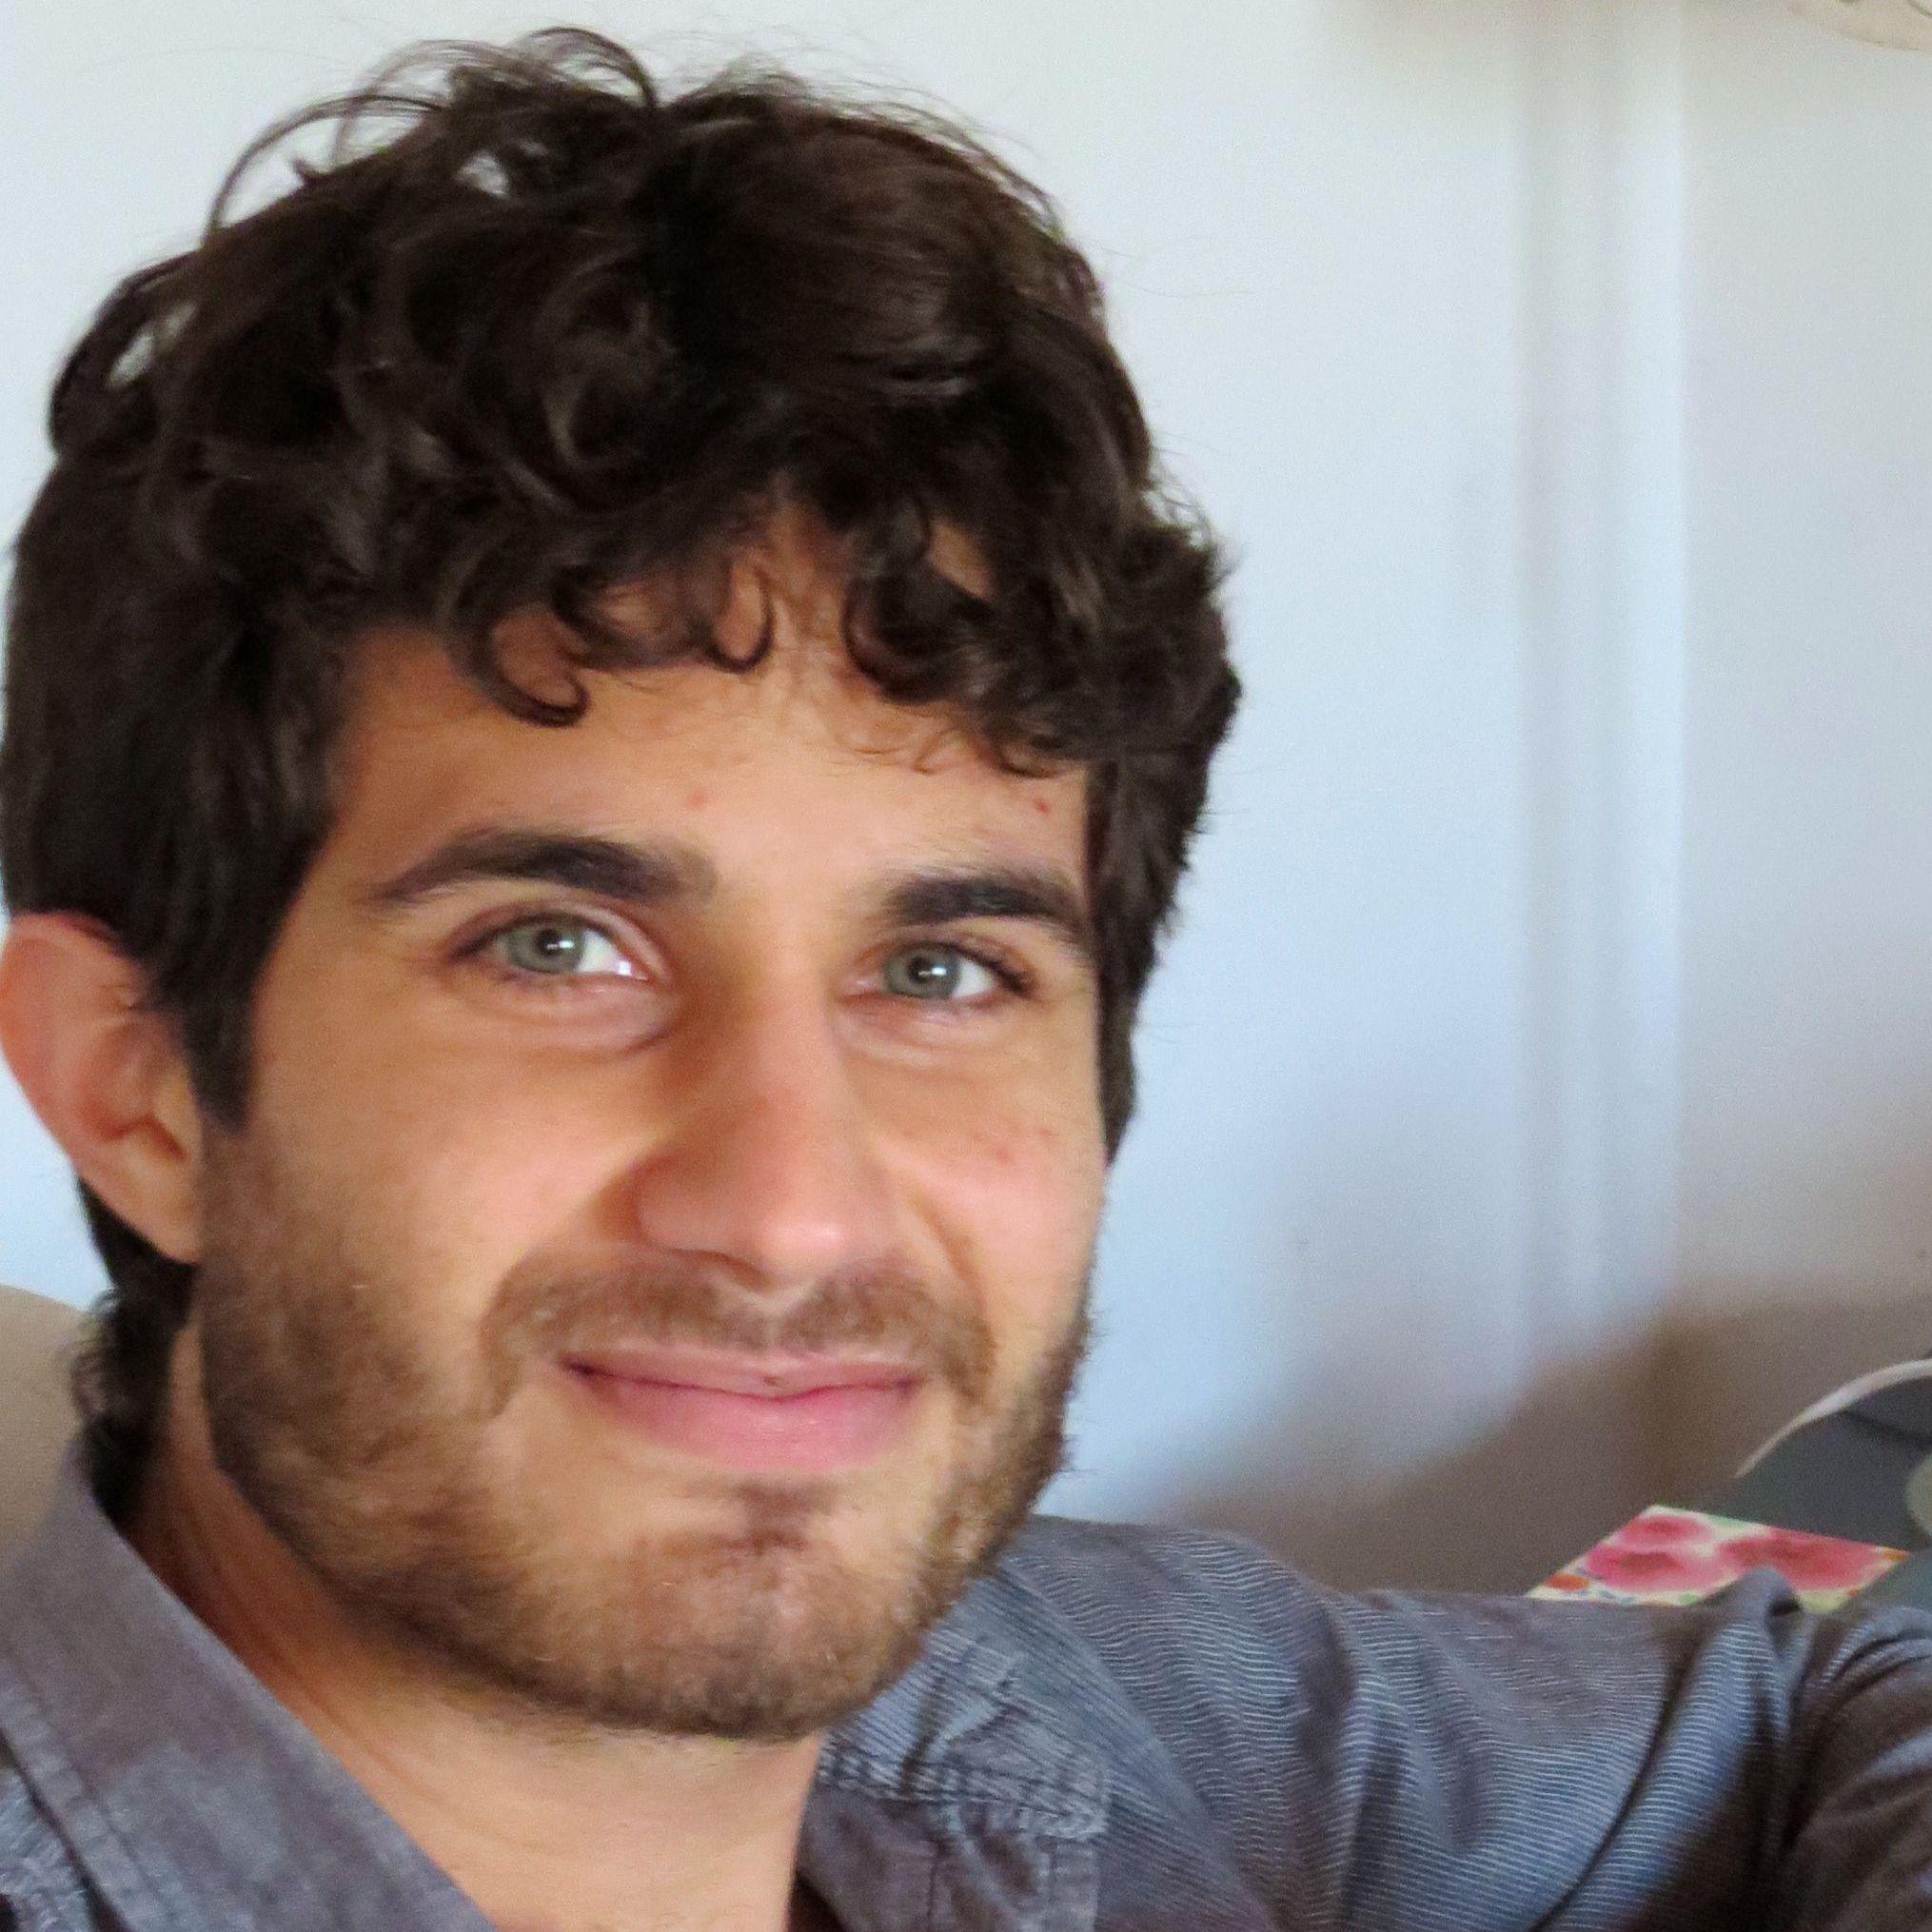 Vinicius Santos Nunes